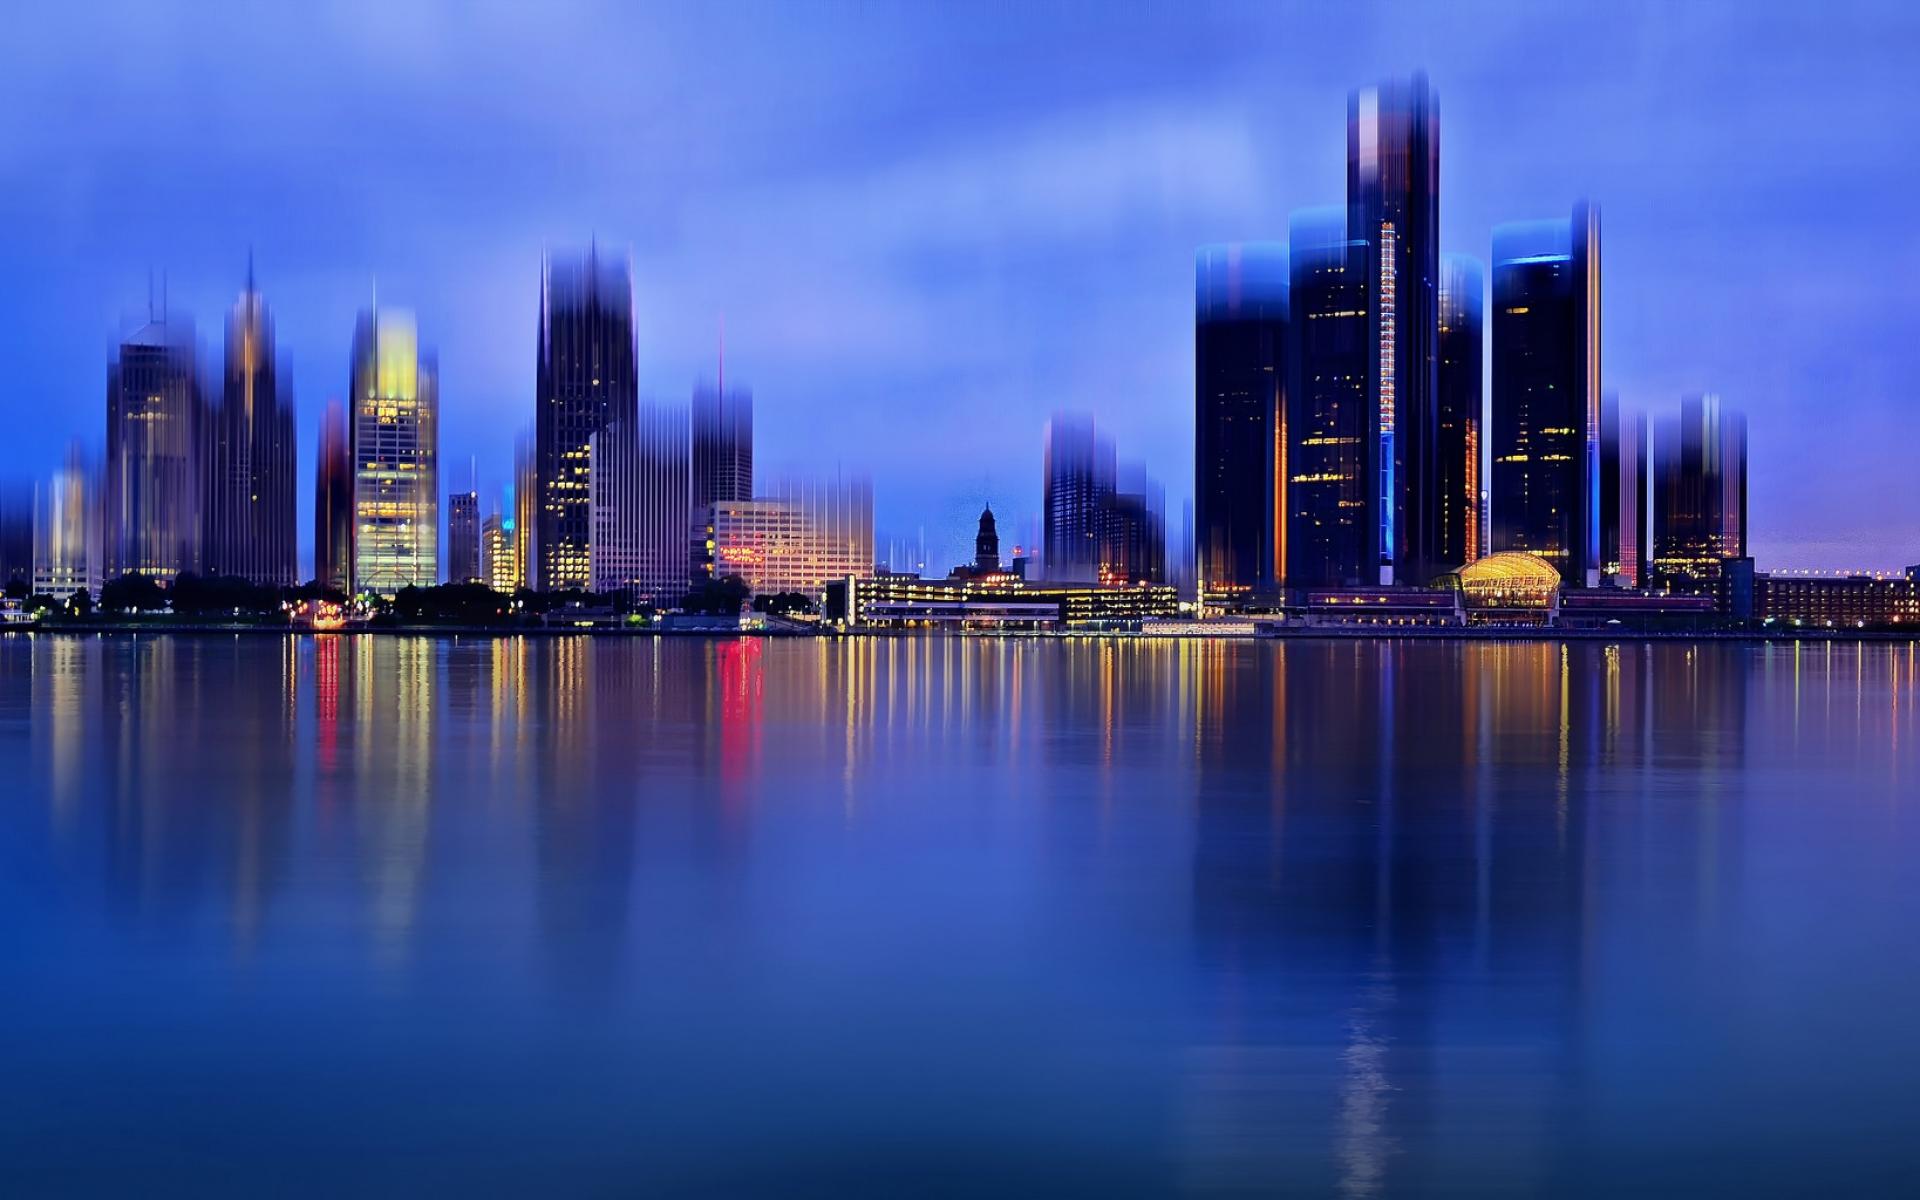 La ciudad de Detroit - 1920x1200